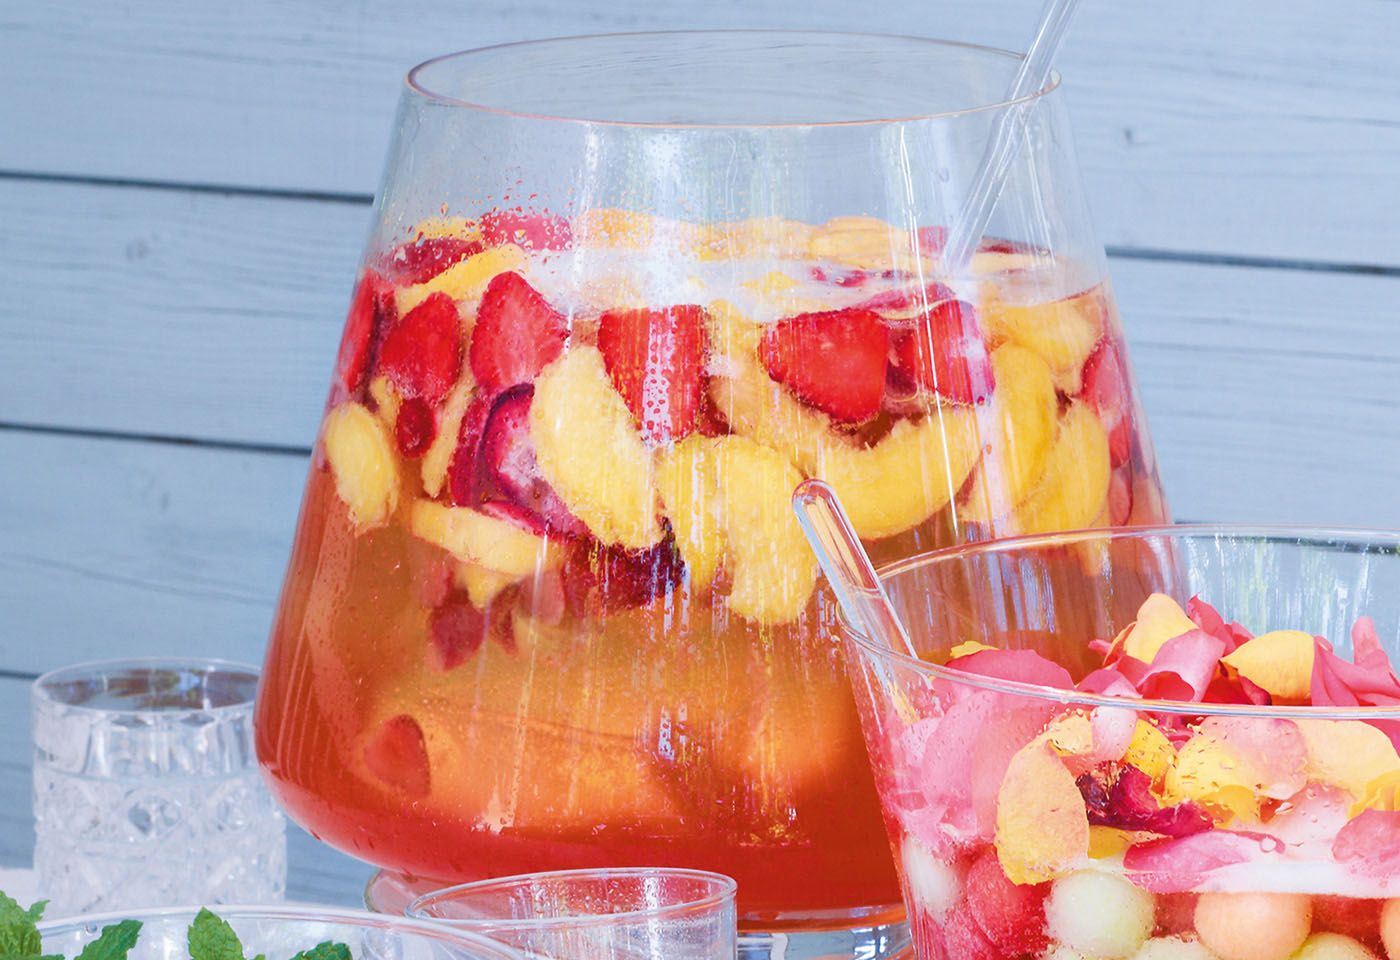 Pfirsich-Erdbeer-Bowle mit Orangen-Likör | Frisch Gekocht